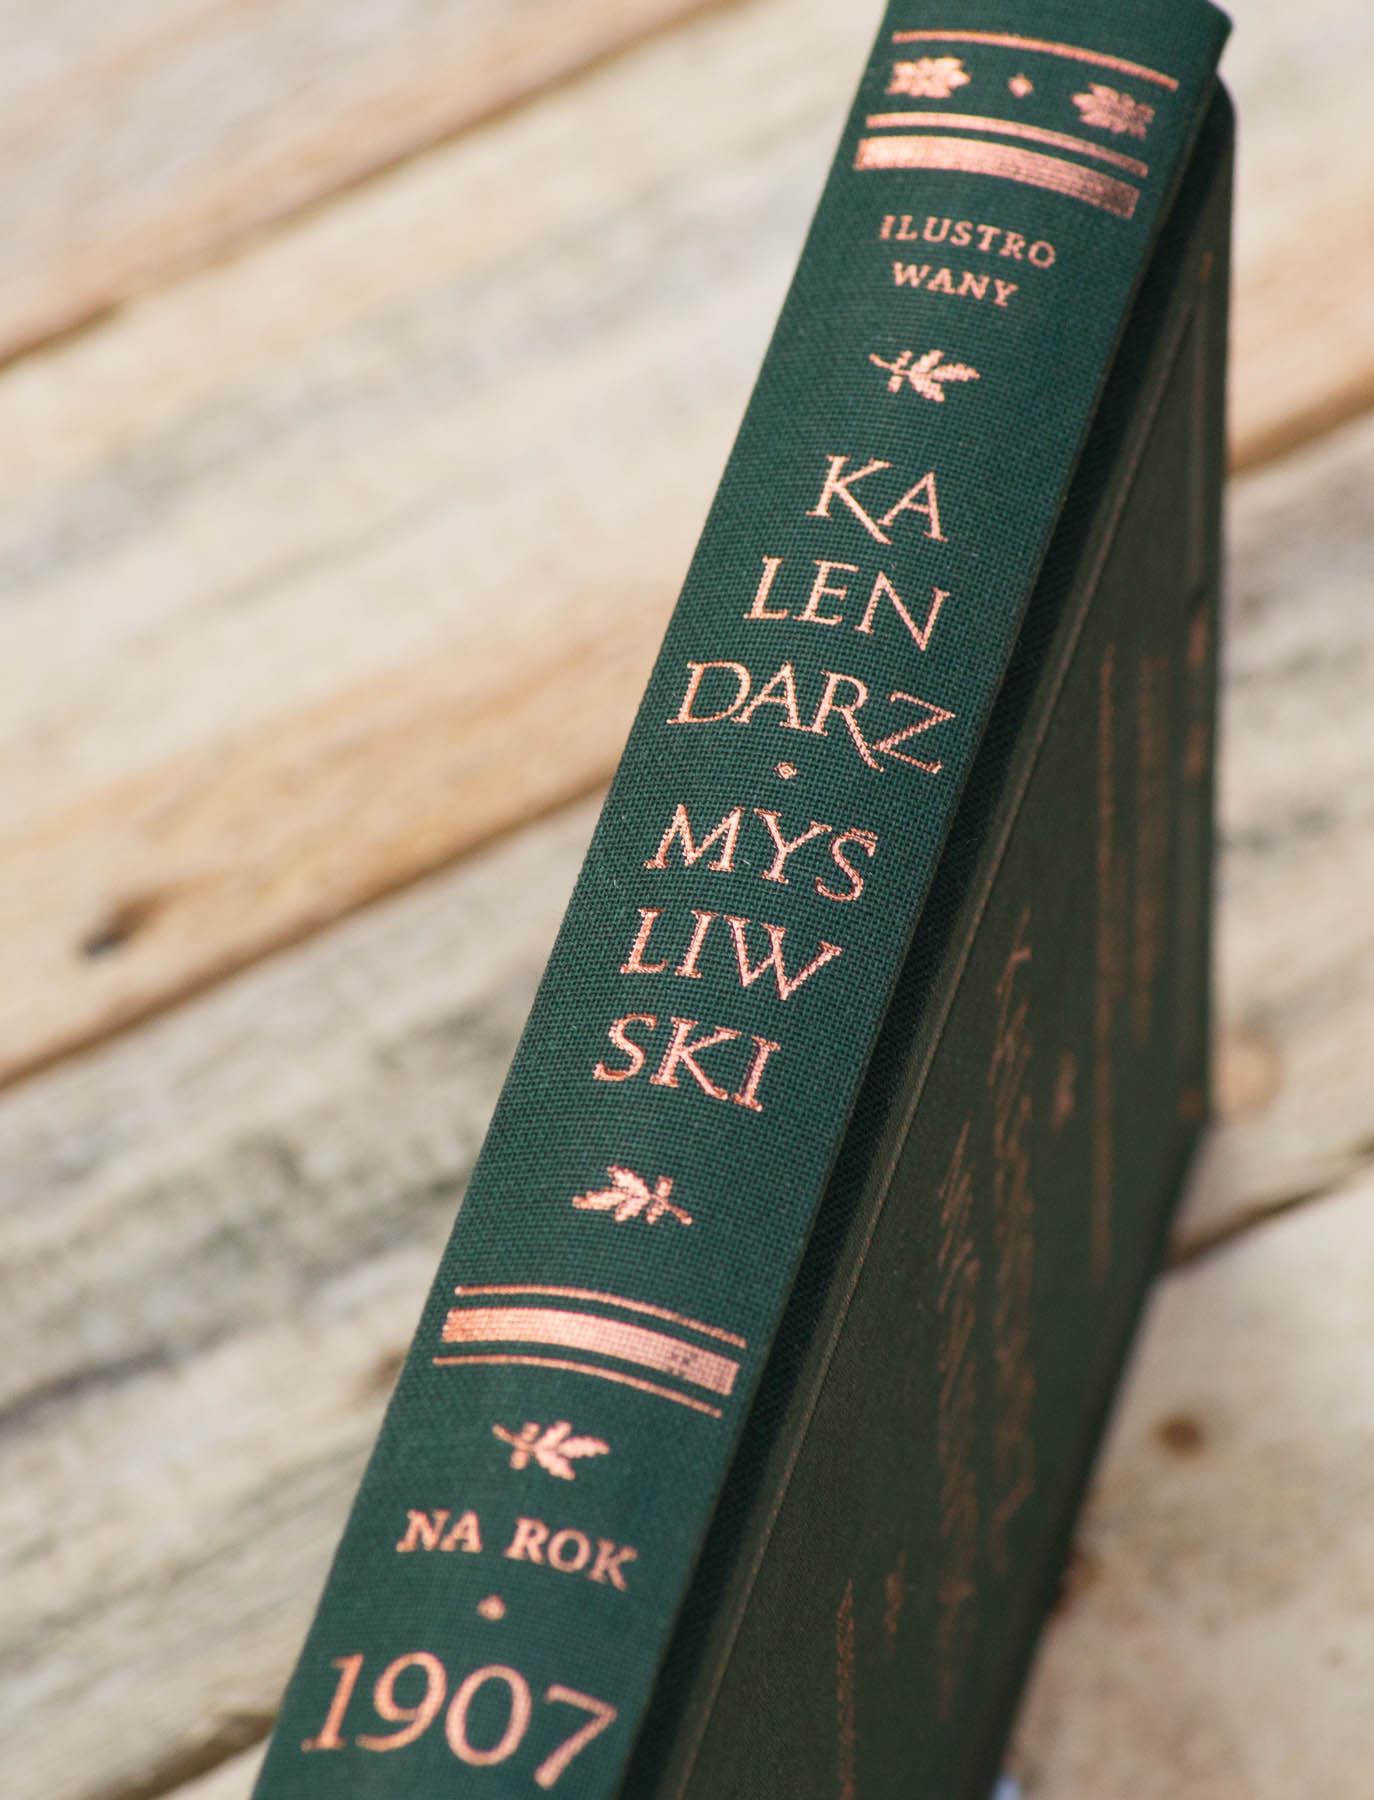 Nie tylko ciekawa książka ale i ładnie będzie wyglądała na półce